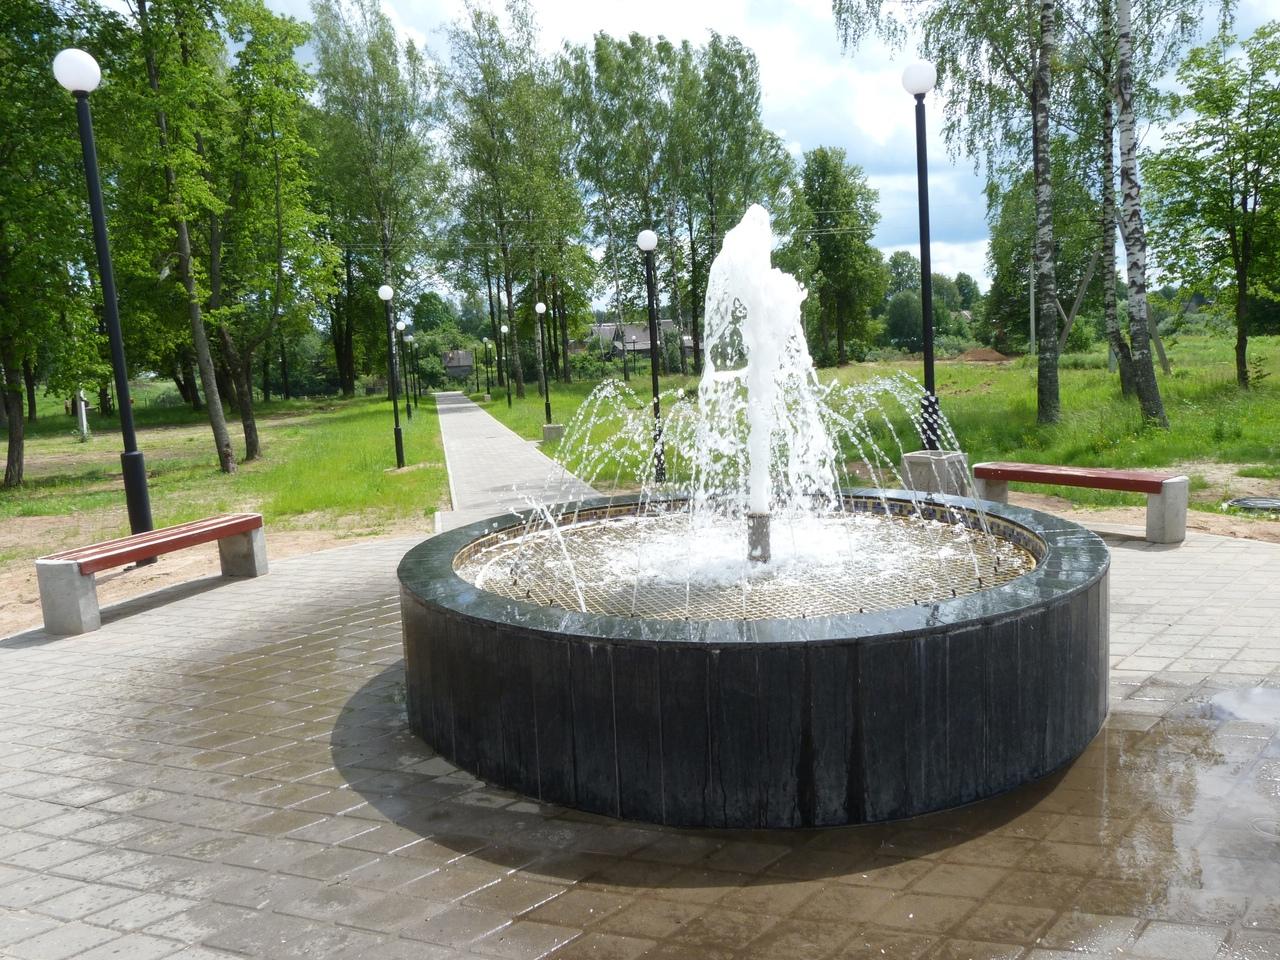 Губернатор Игорь Руденя поздравил жителей Жарковского района с Днем образования муниципалитета